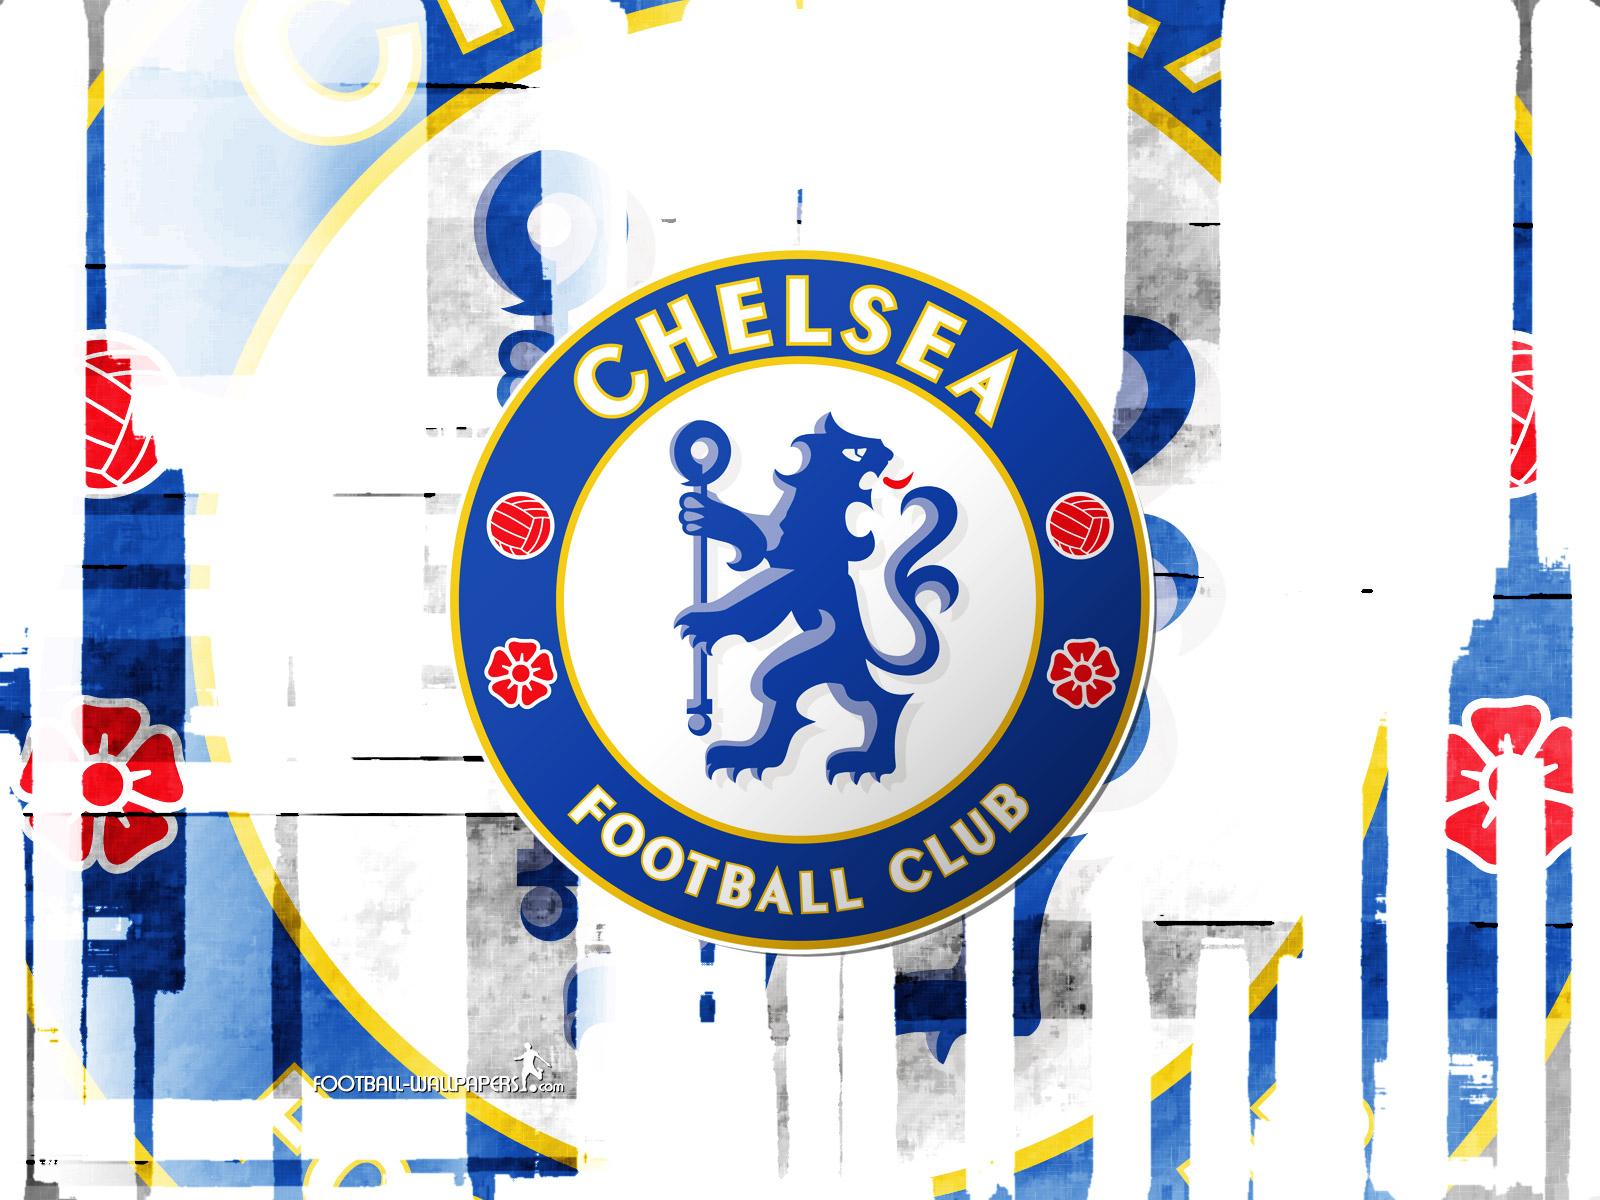 обои с логотипами футбольных команд